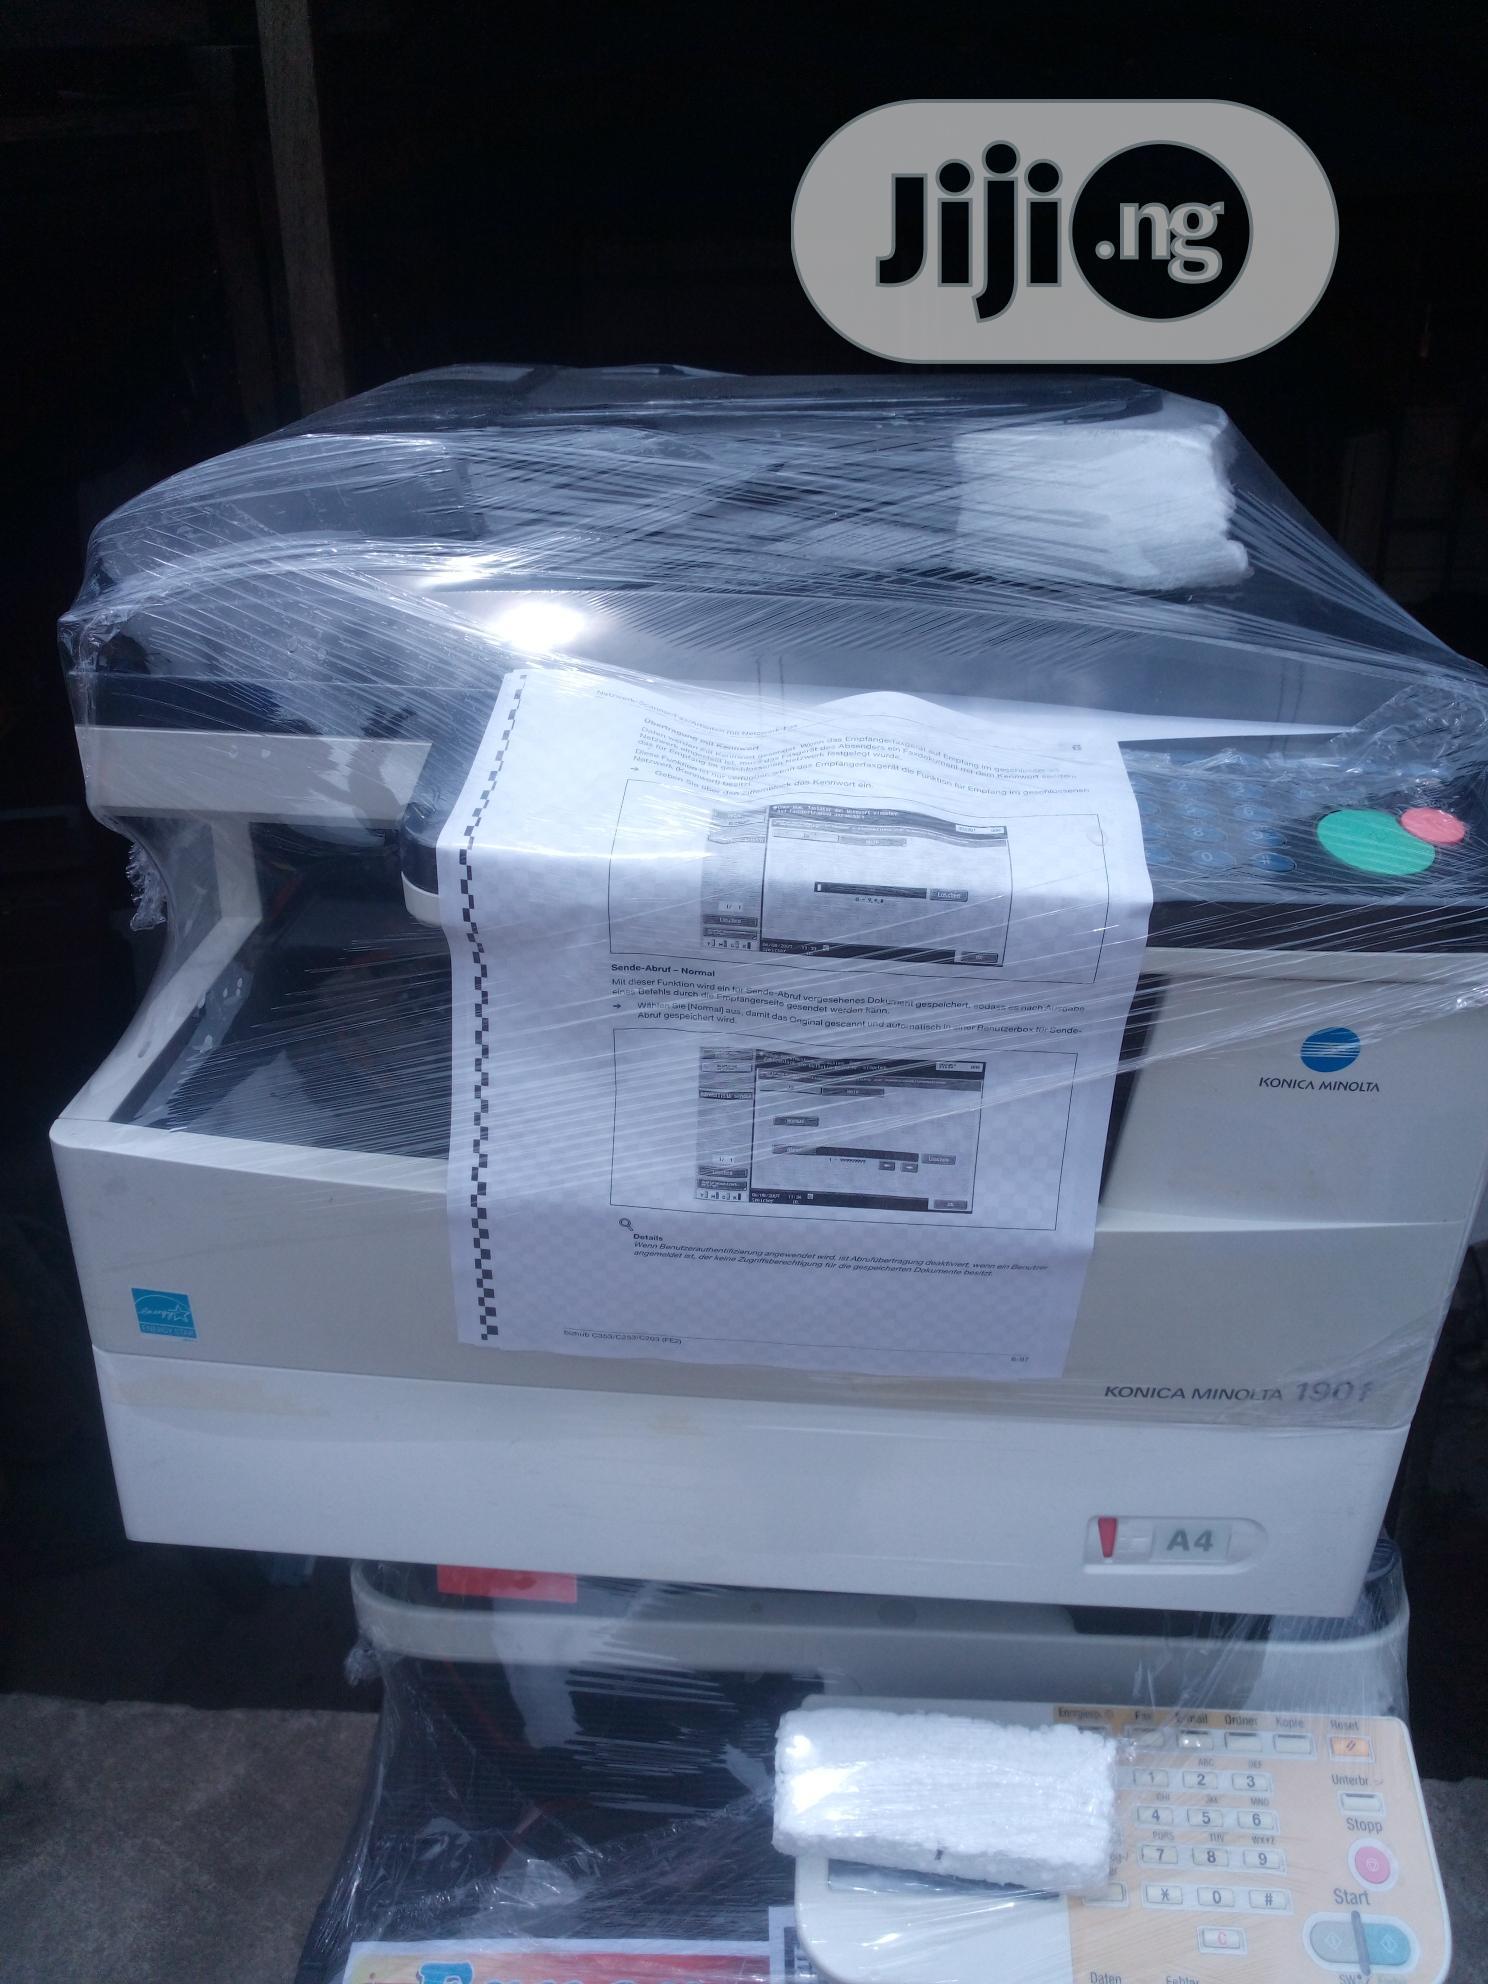 Archive: Konica Minolta 190f Photocopy Machine 3in1 Black and White